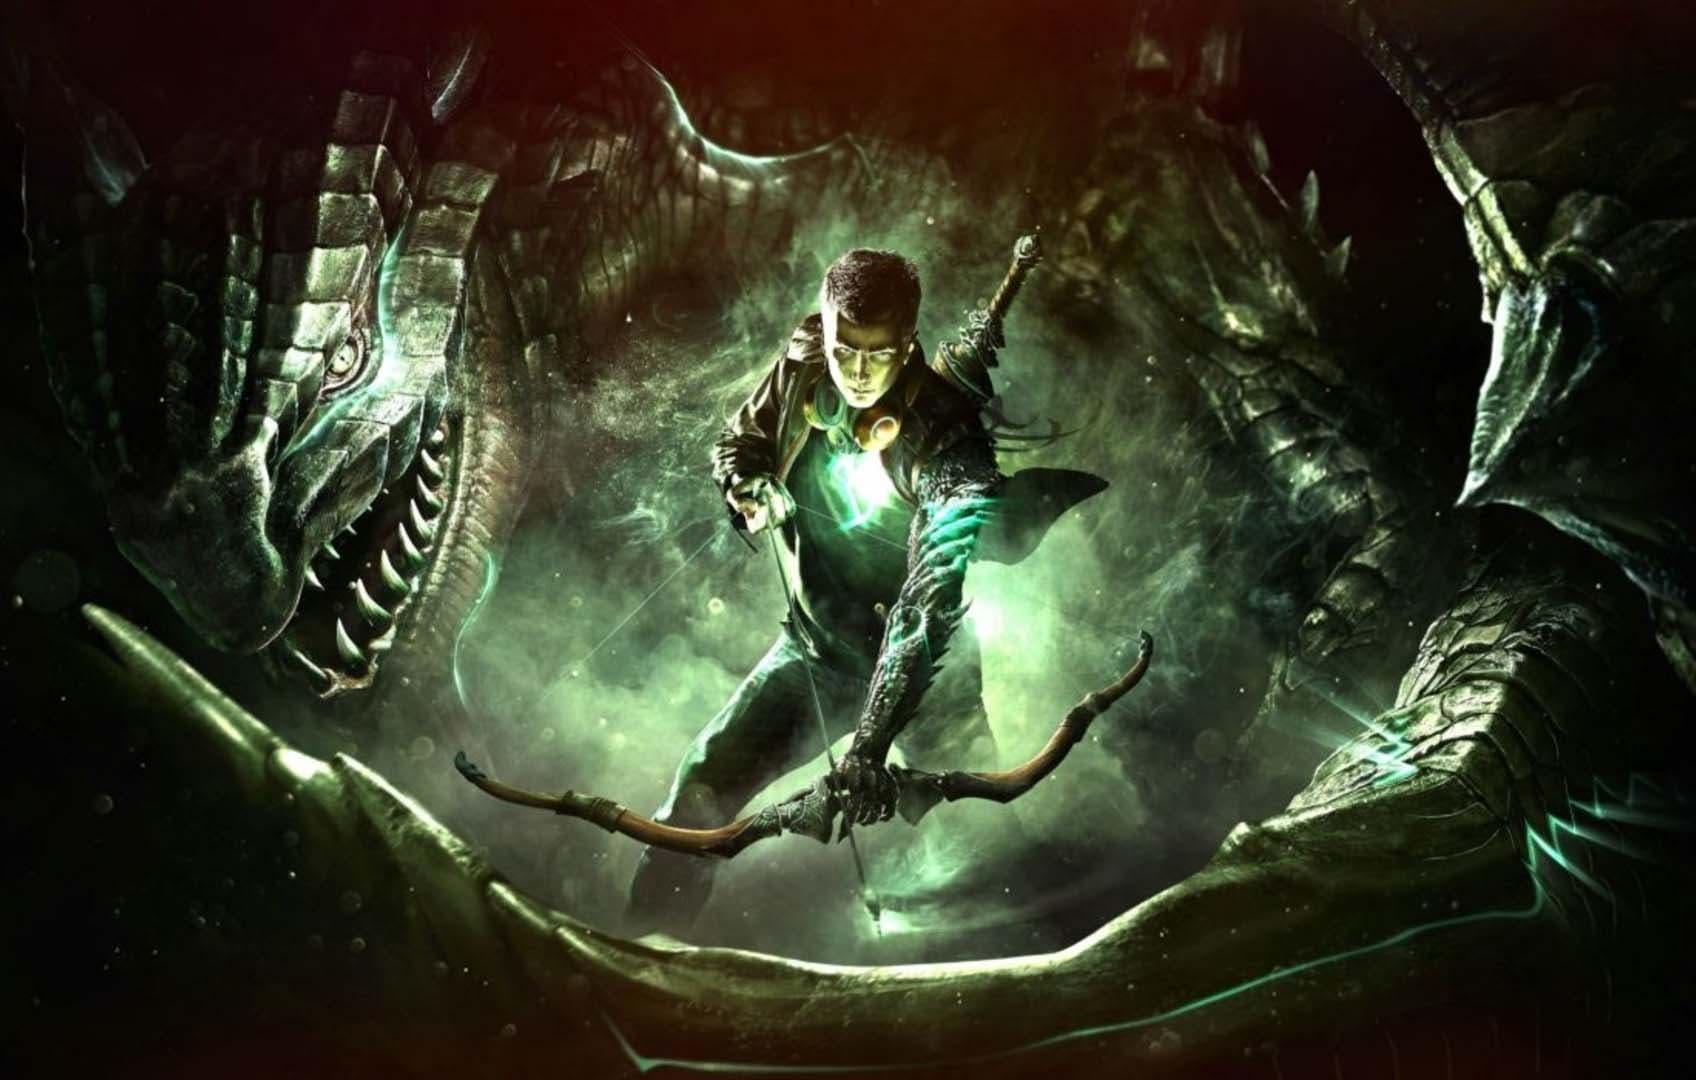 Encuesta: ¿Qué juego de Xbox One rescatarías? 12